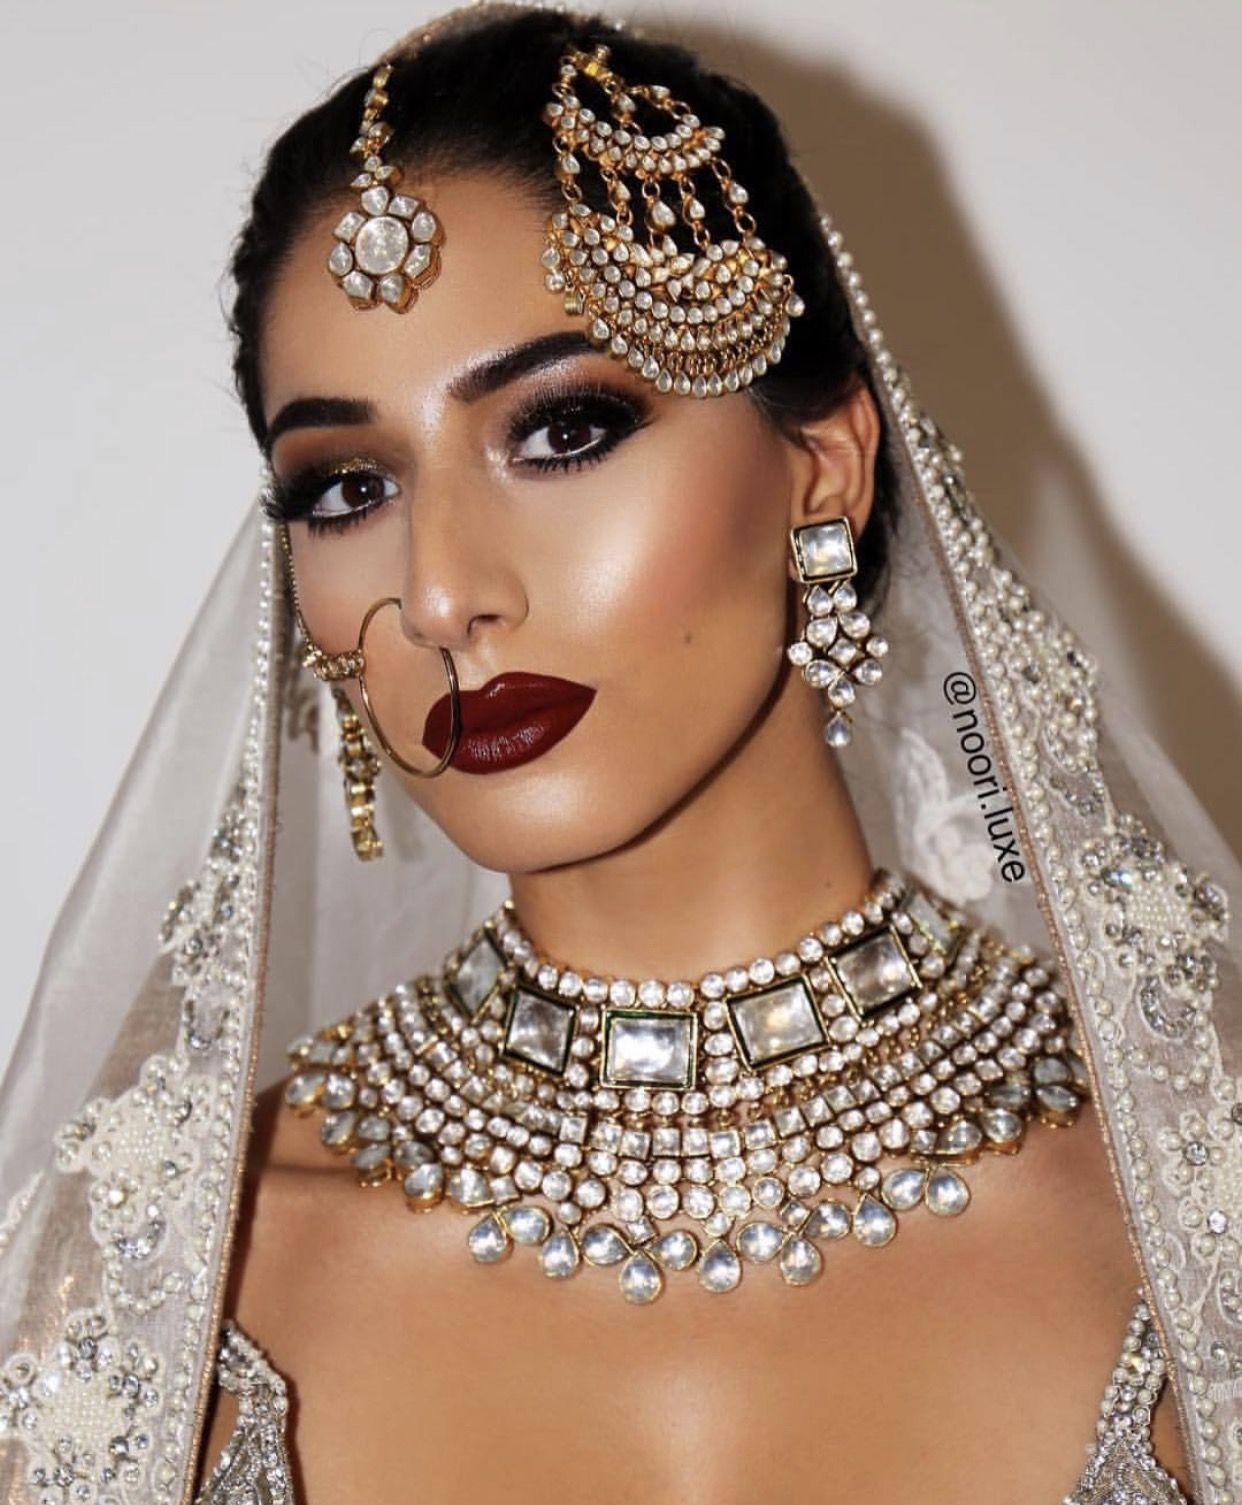 Dewy Makeup For A South Asian Bride Gorgeous Dupatta